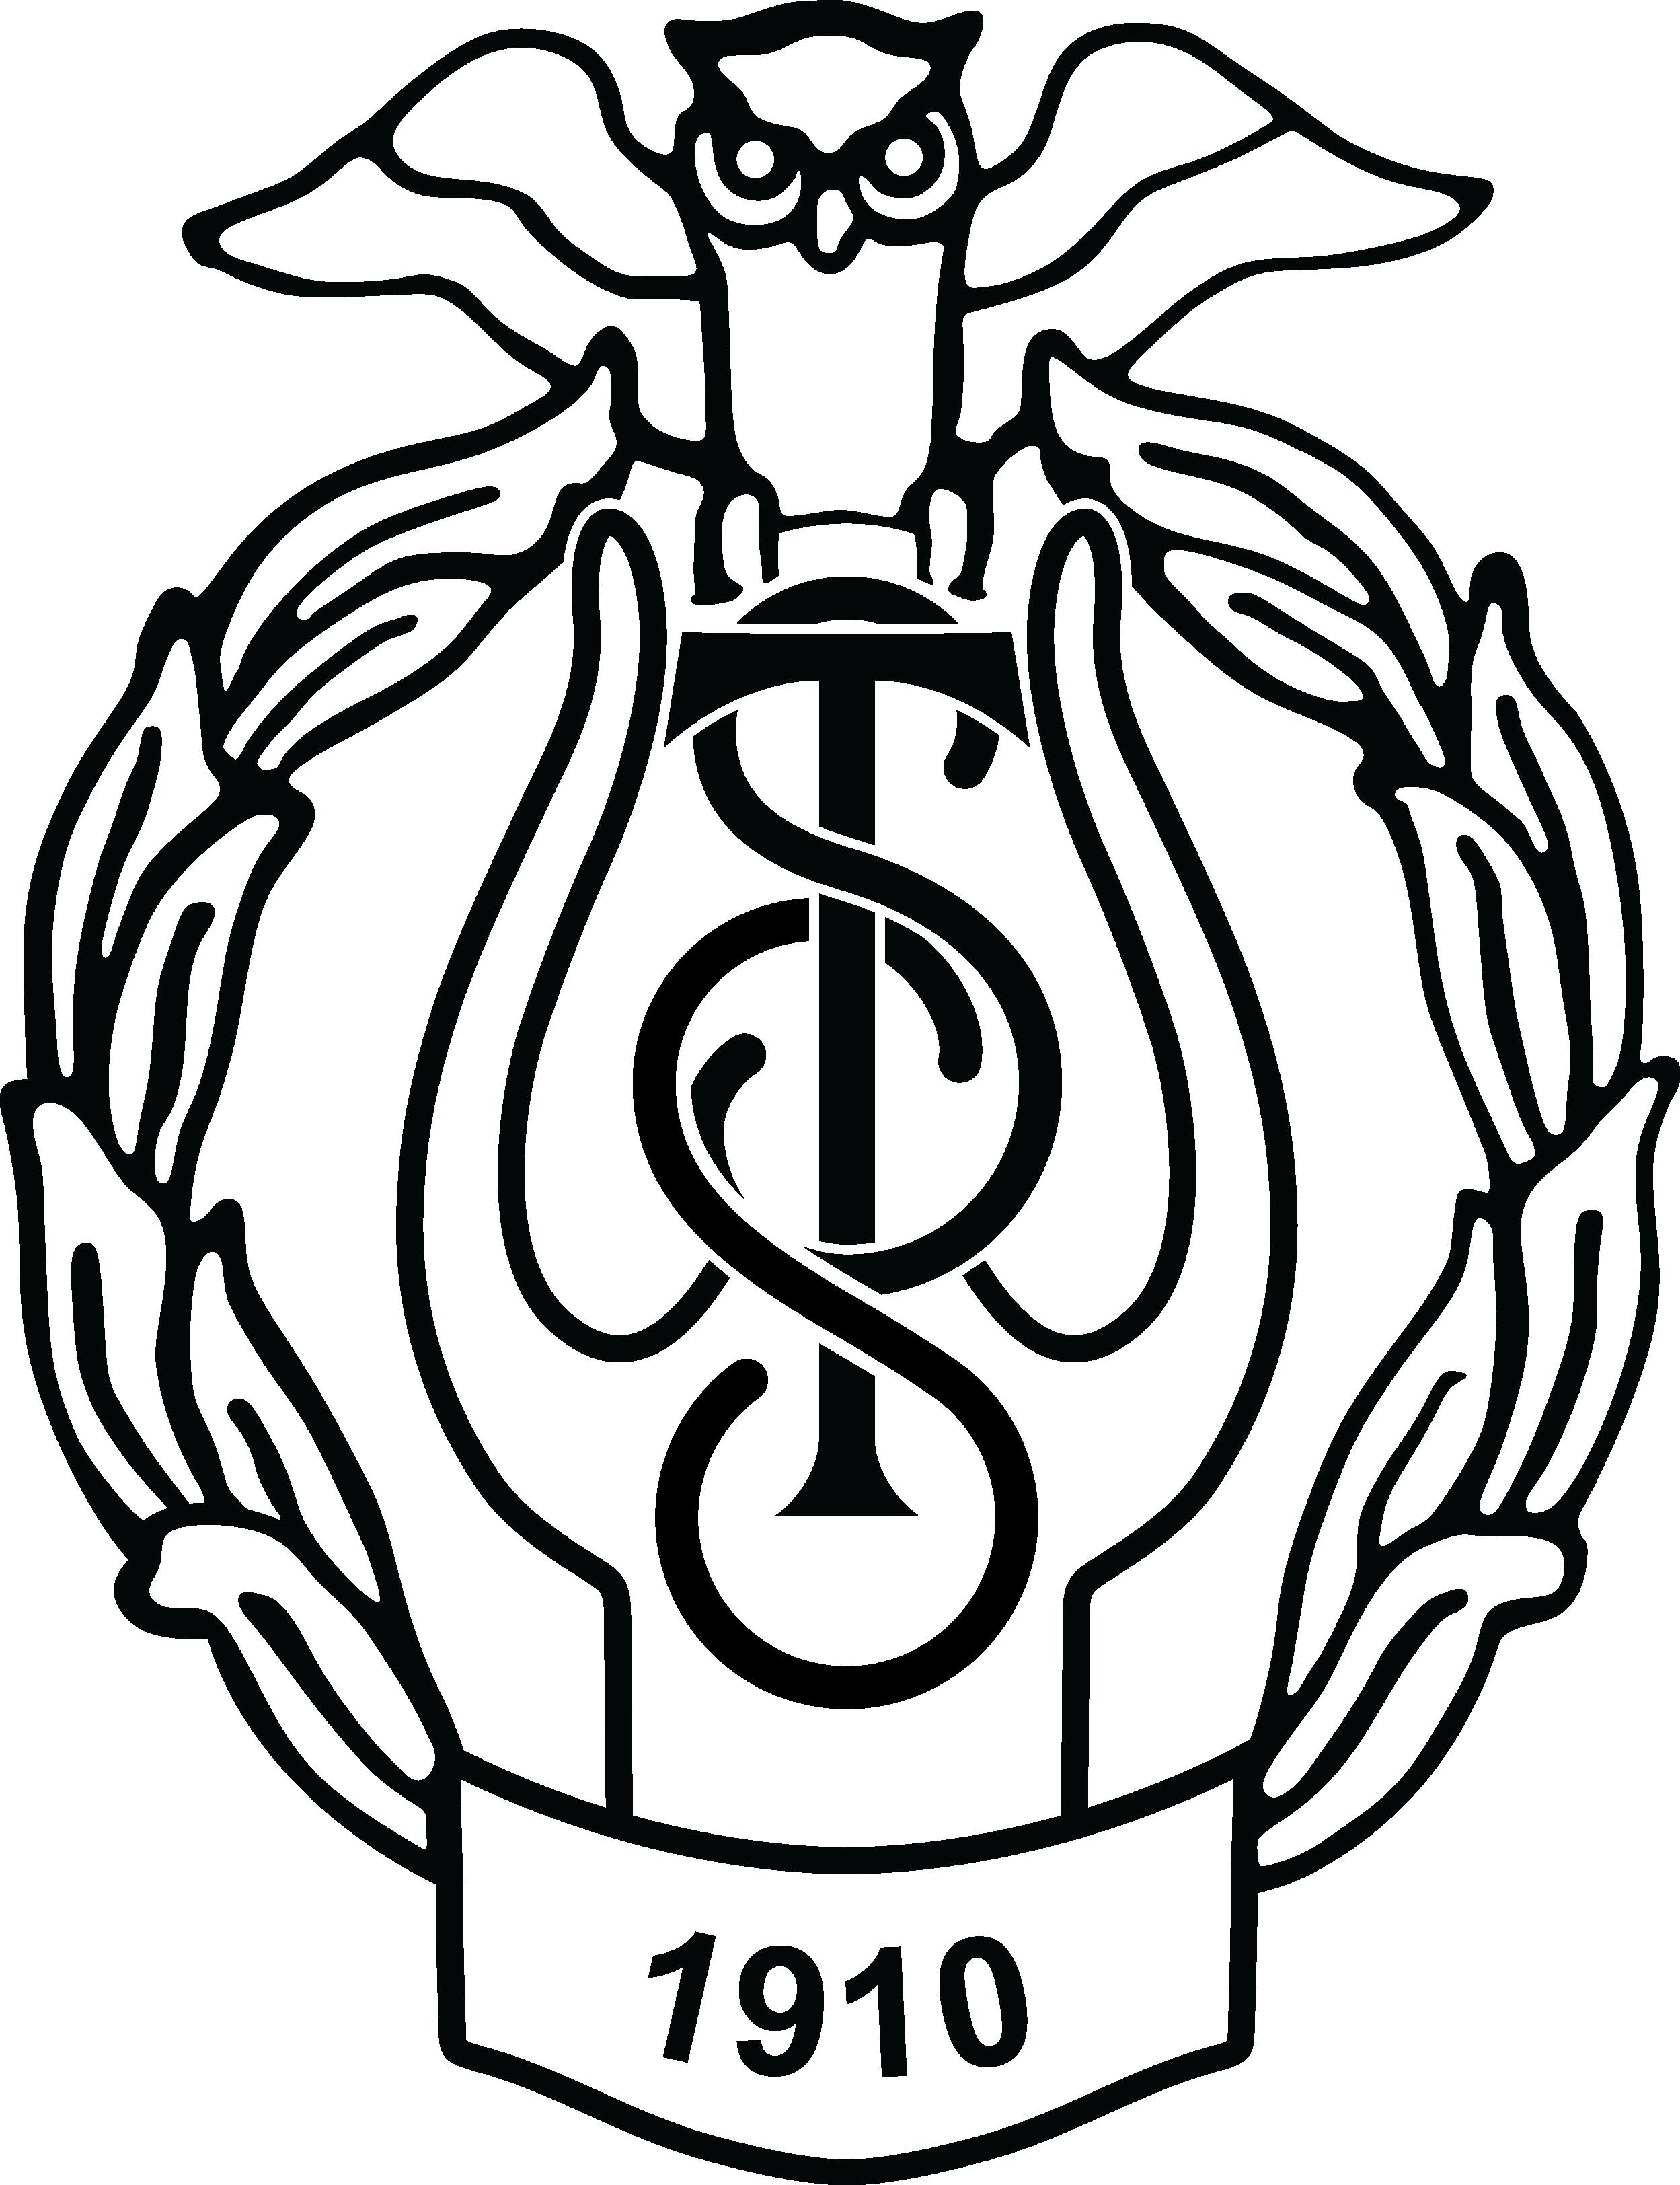 Tss logo 2016 revidert  rund